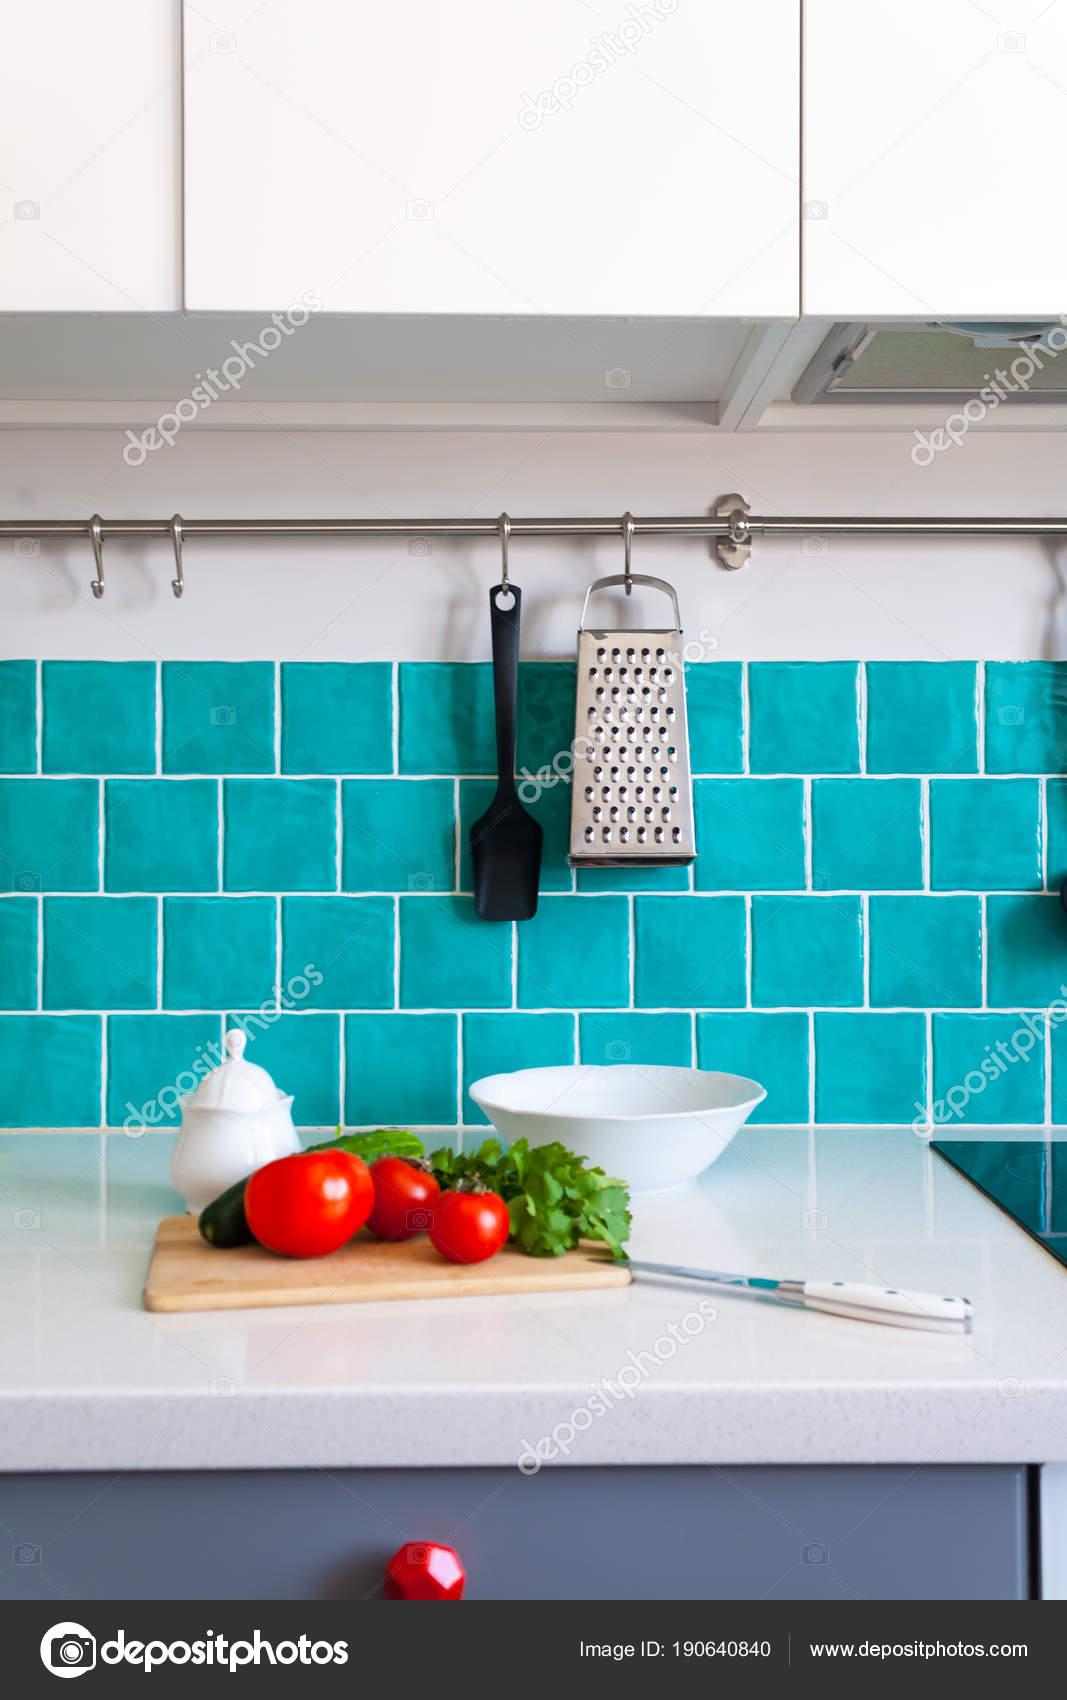 Küche Verfügt über Dunkle Graue Flache Schränke Gepaart Mit Weißem Quarz  Arbeitsplatten Und Eine Glänzende